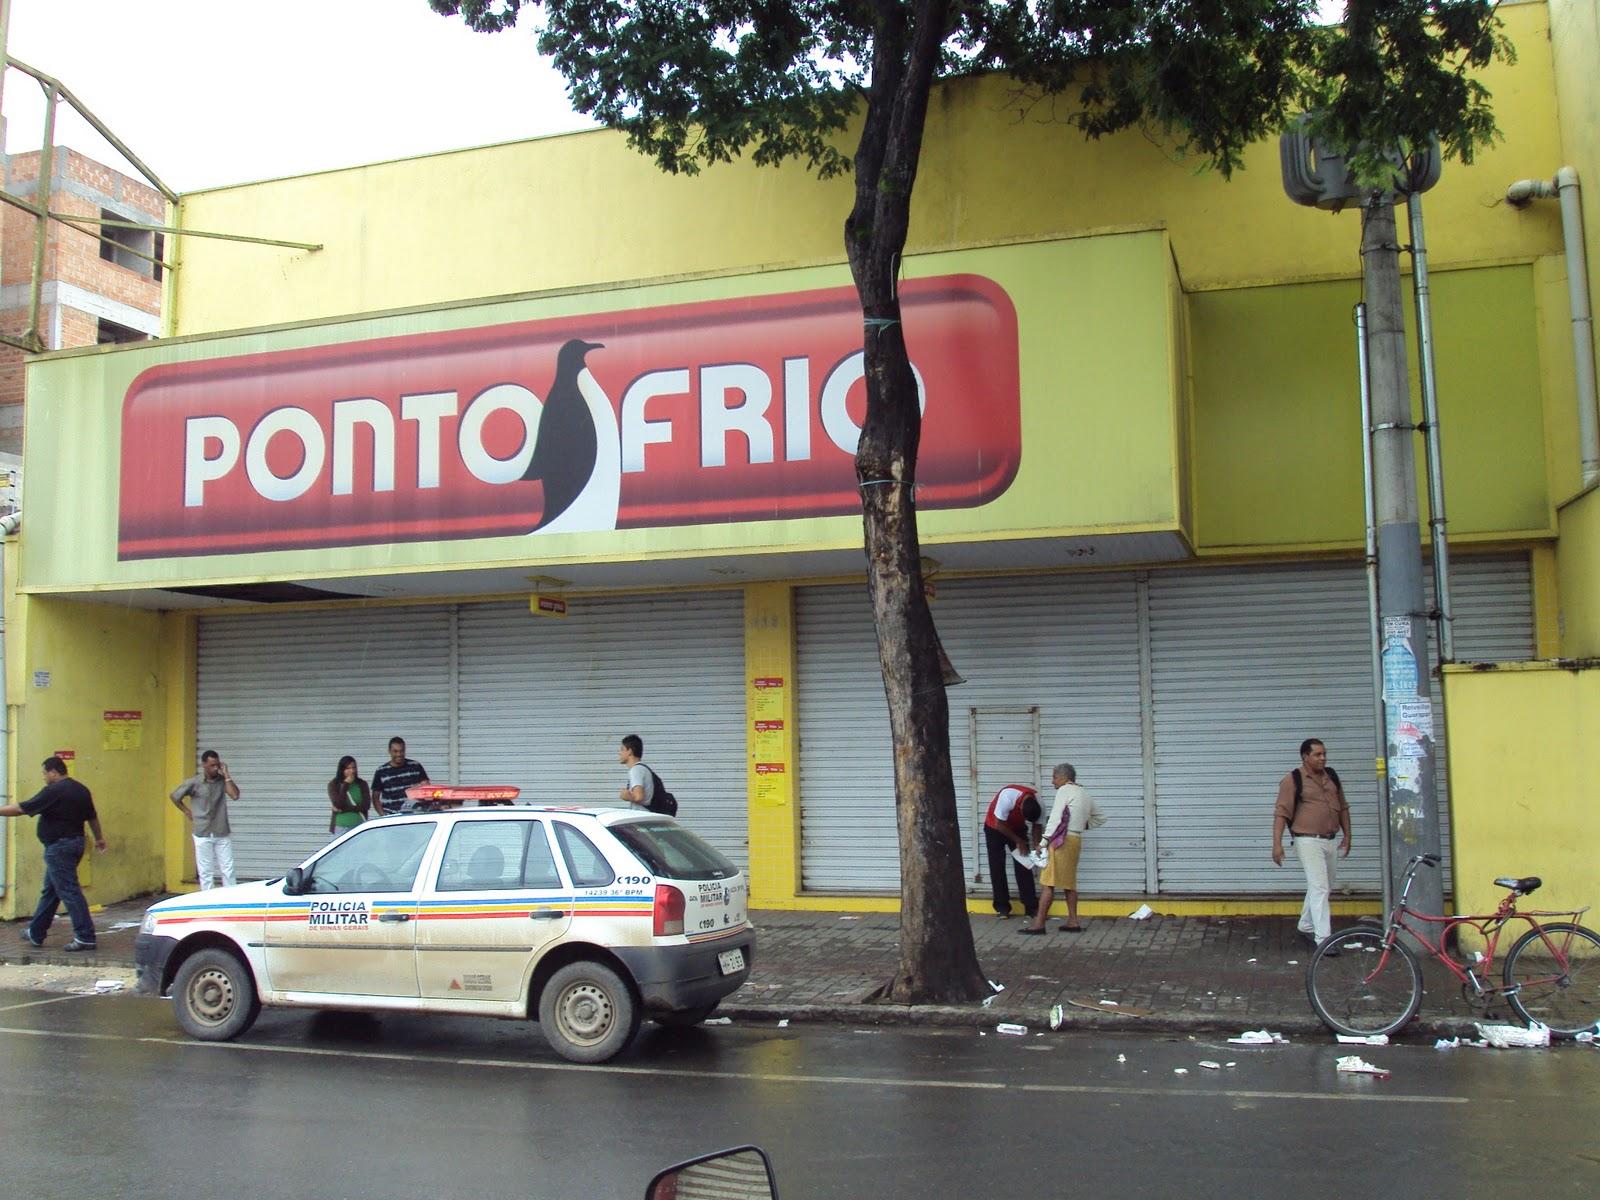 Última hora: Ponto Frio é Assaltada em Pedro Leopoldo Mix  #8C3F40 1600x1200